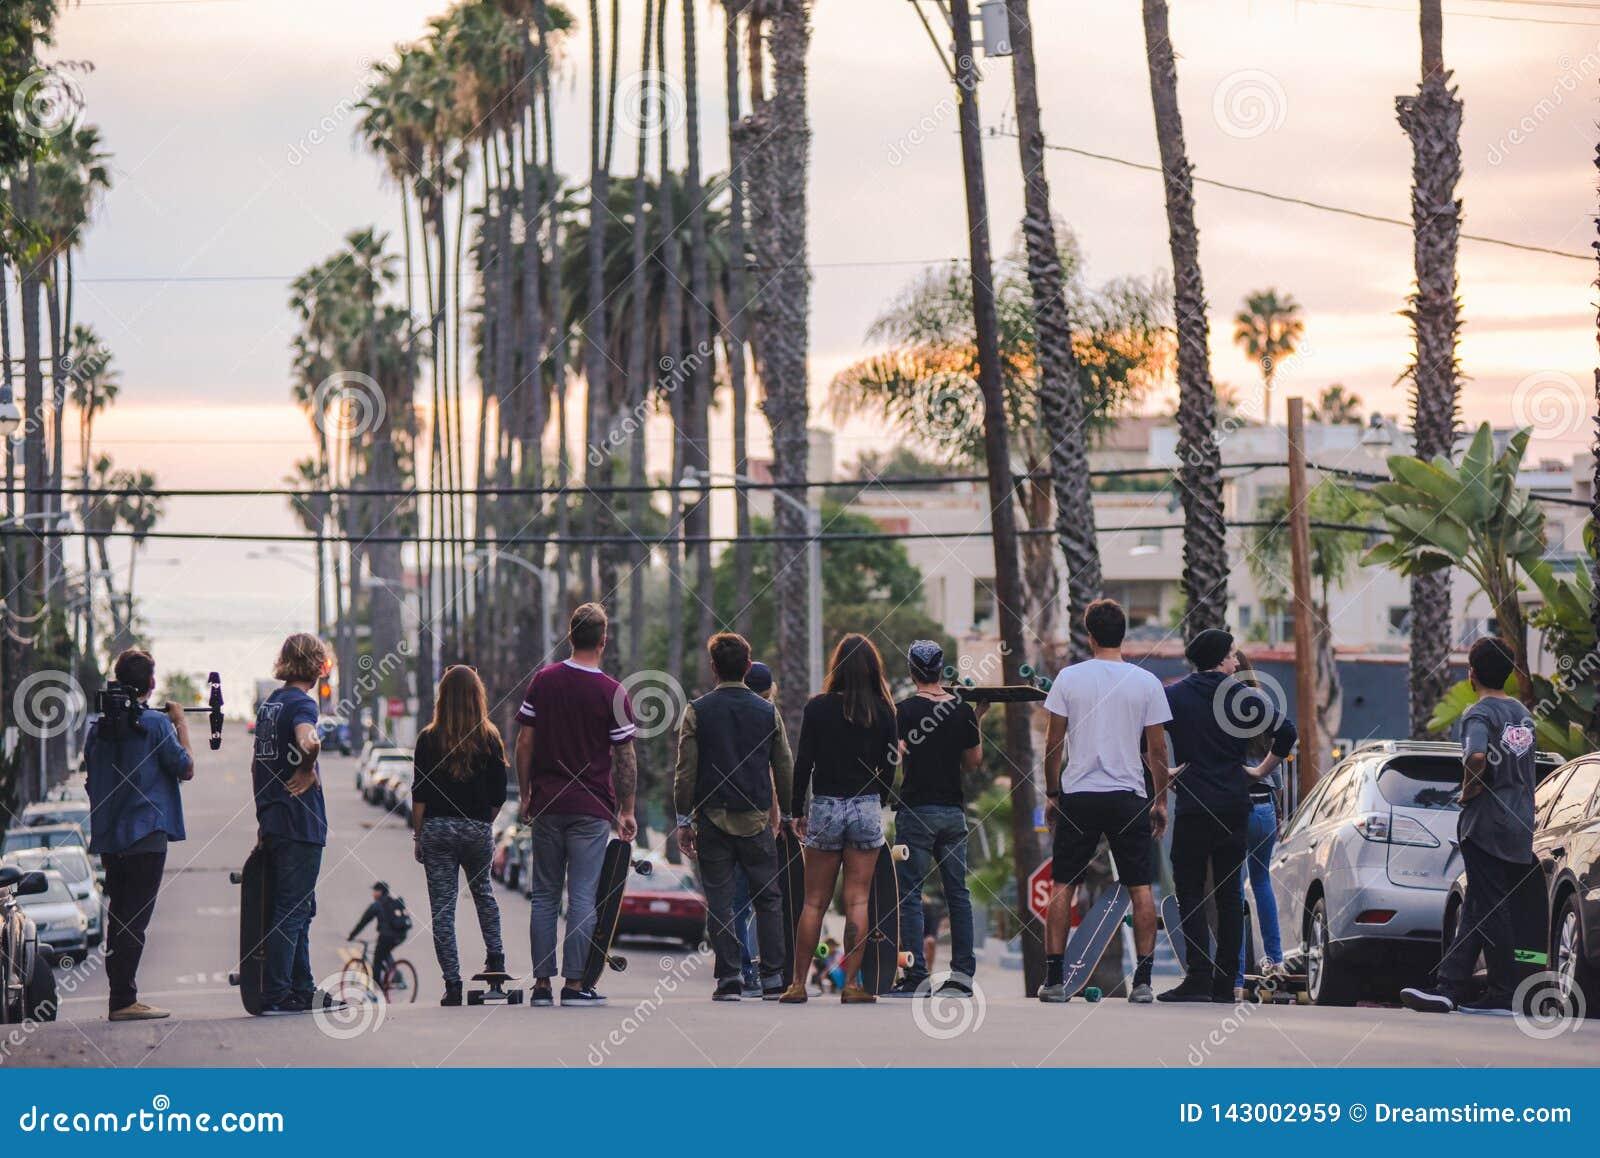 Skateboardfahrer nahe Venice Beach bei Sonnenuntergang